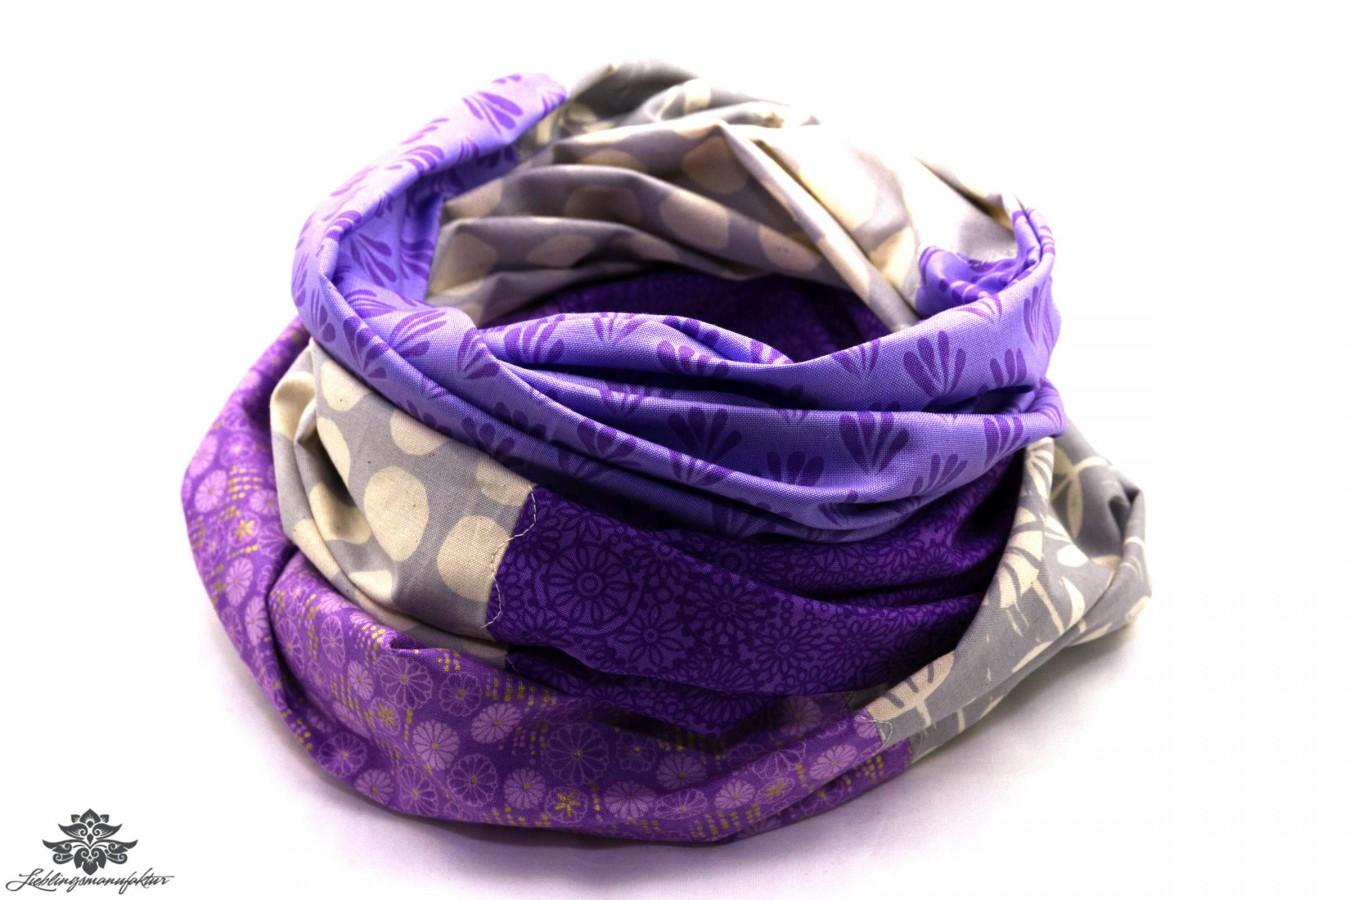 Damen Schals Baumwolltücher Loops Lieblingsmanufaktur